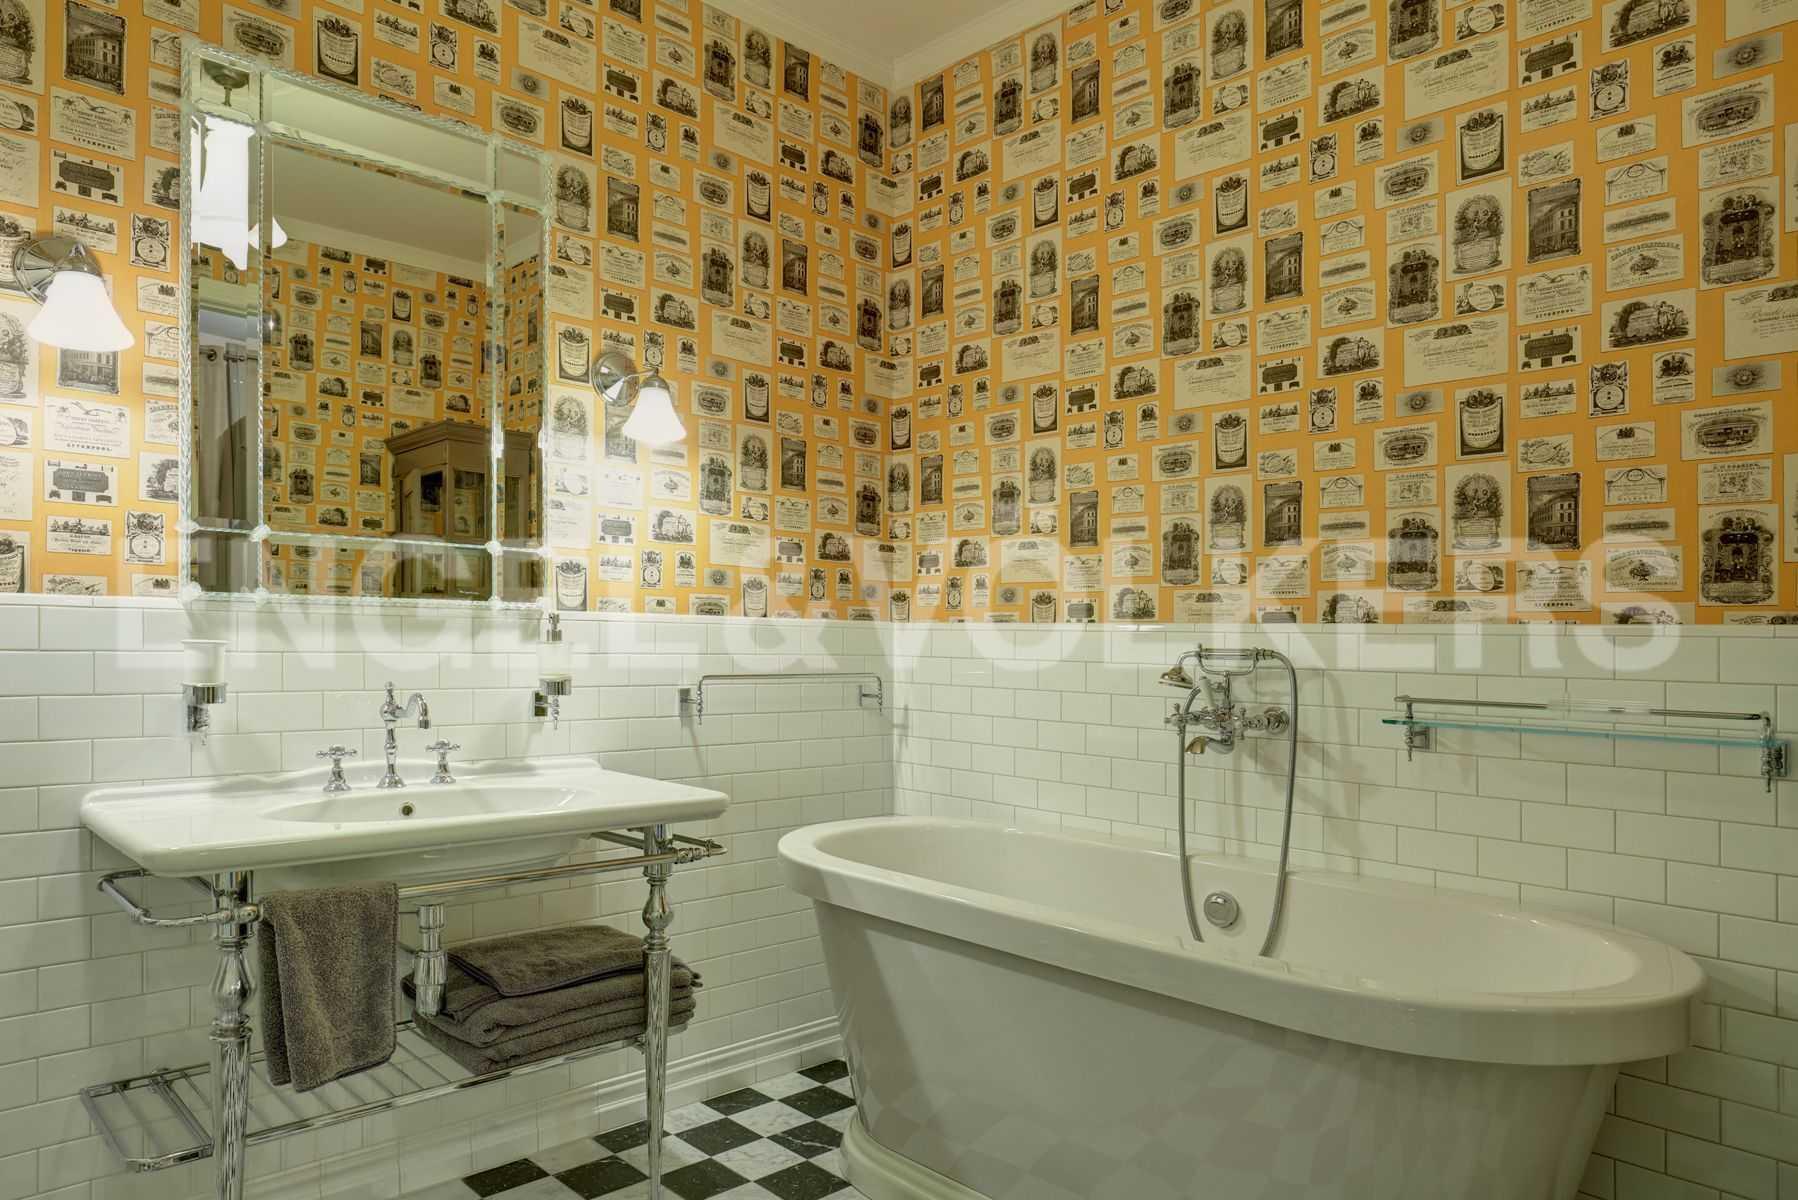 Элитные квартиры на . Санкт-Петербург, Динамо,12. Ванная рядом со спальней